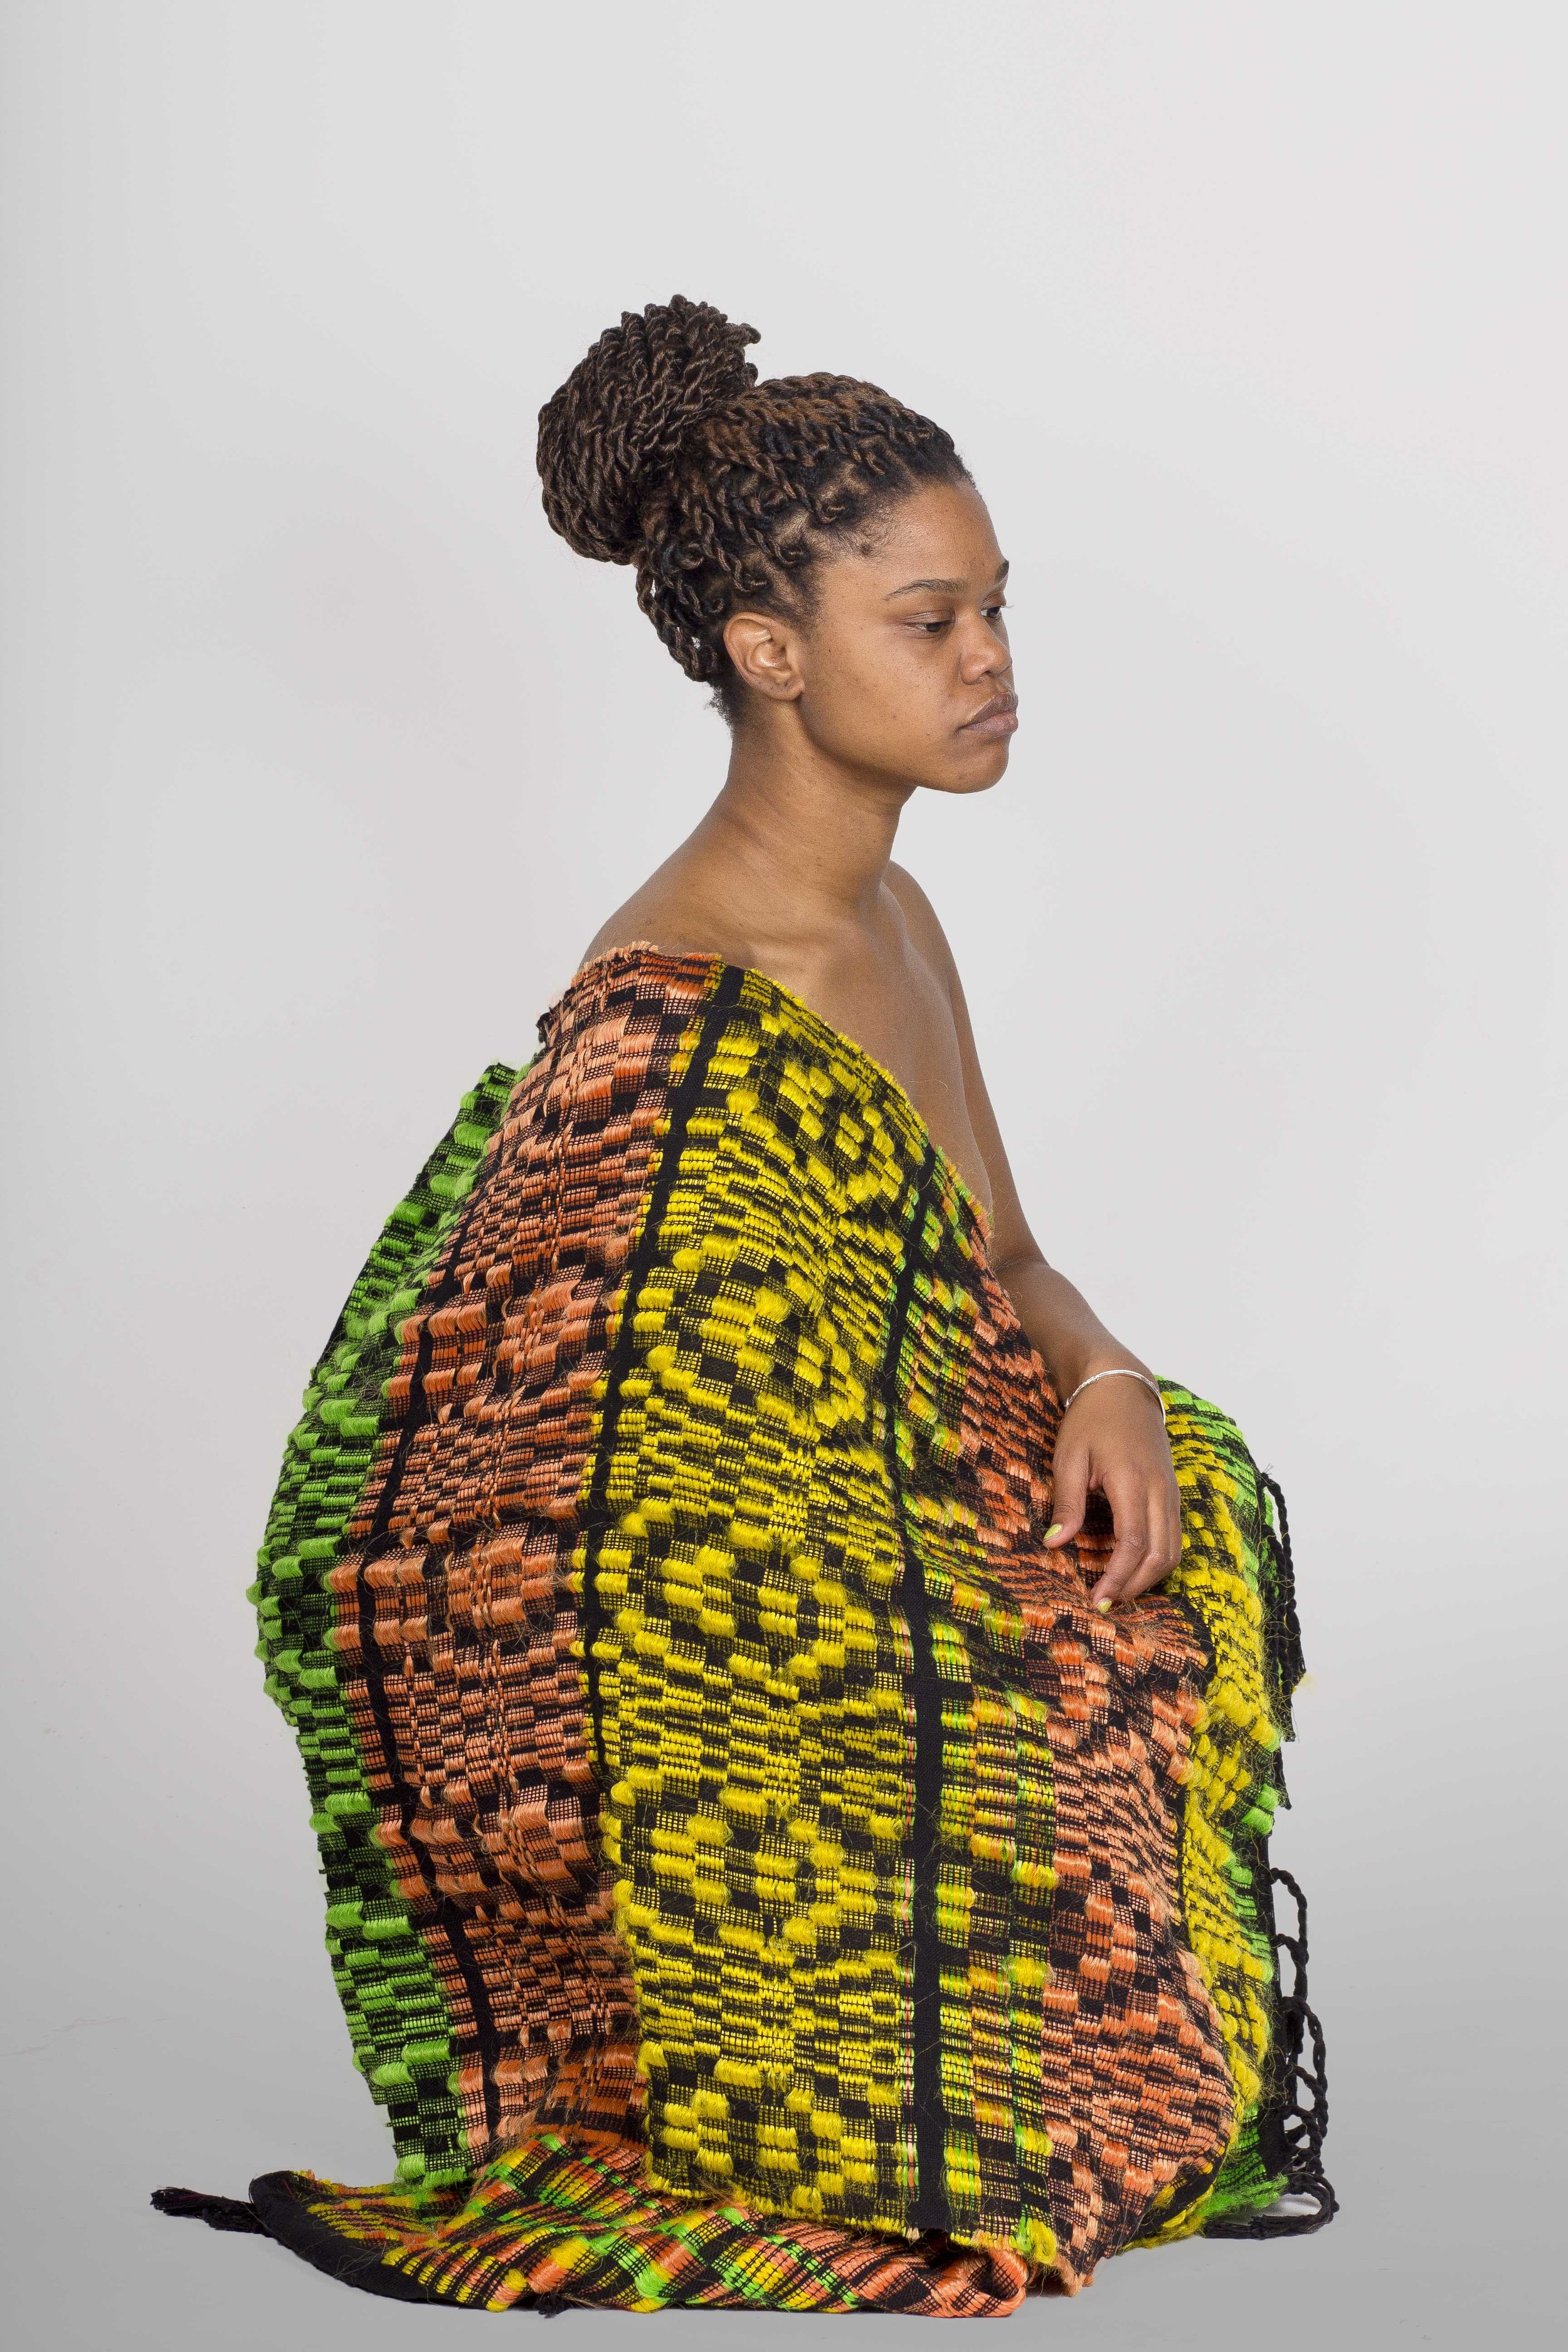 Cocoon  2012, Cotton & synthetic-hair, Photographer: Patricia Bordallo Dibildox